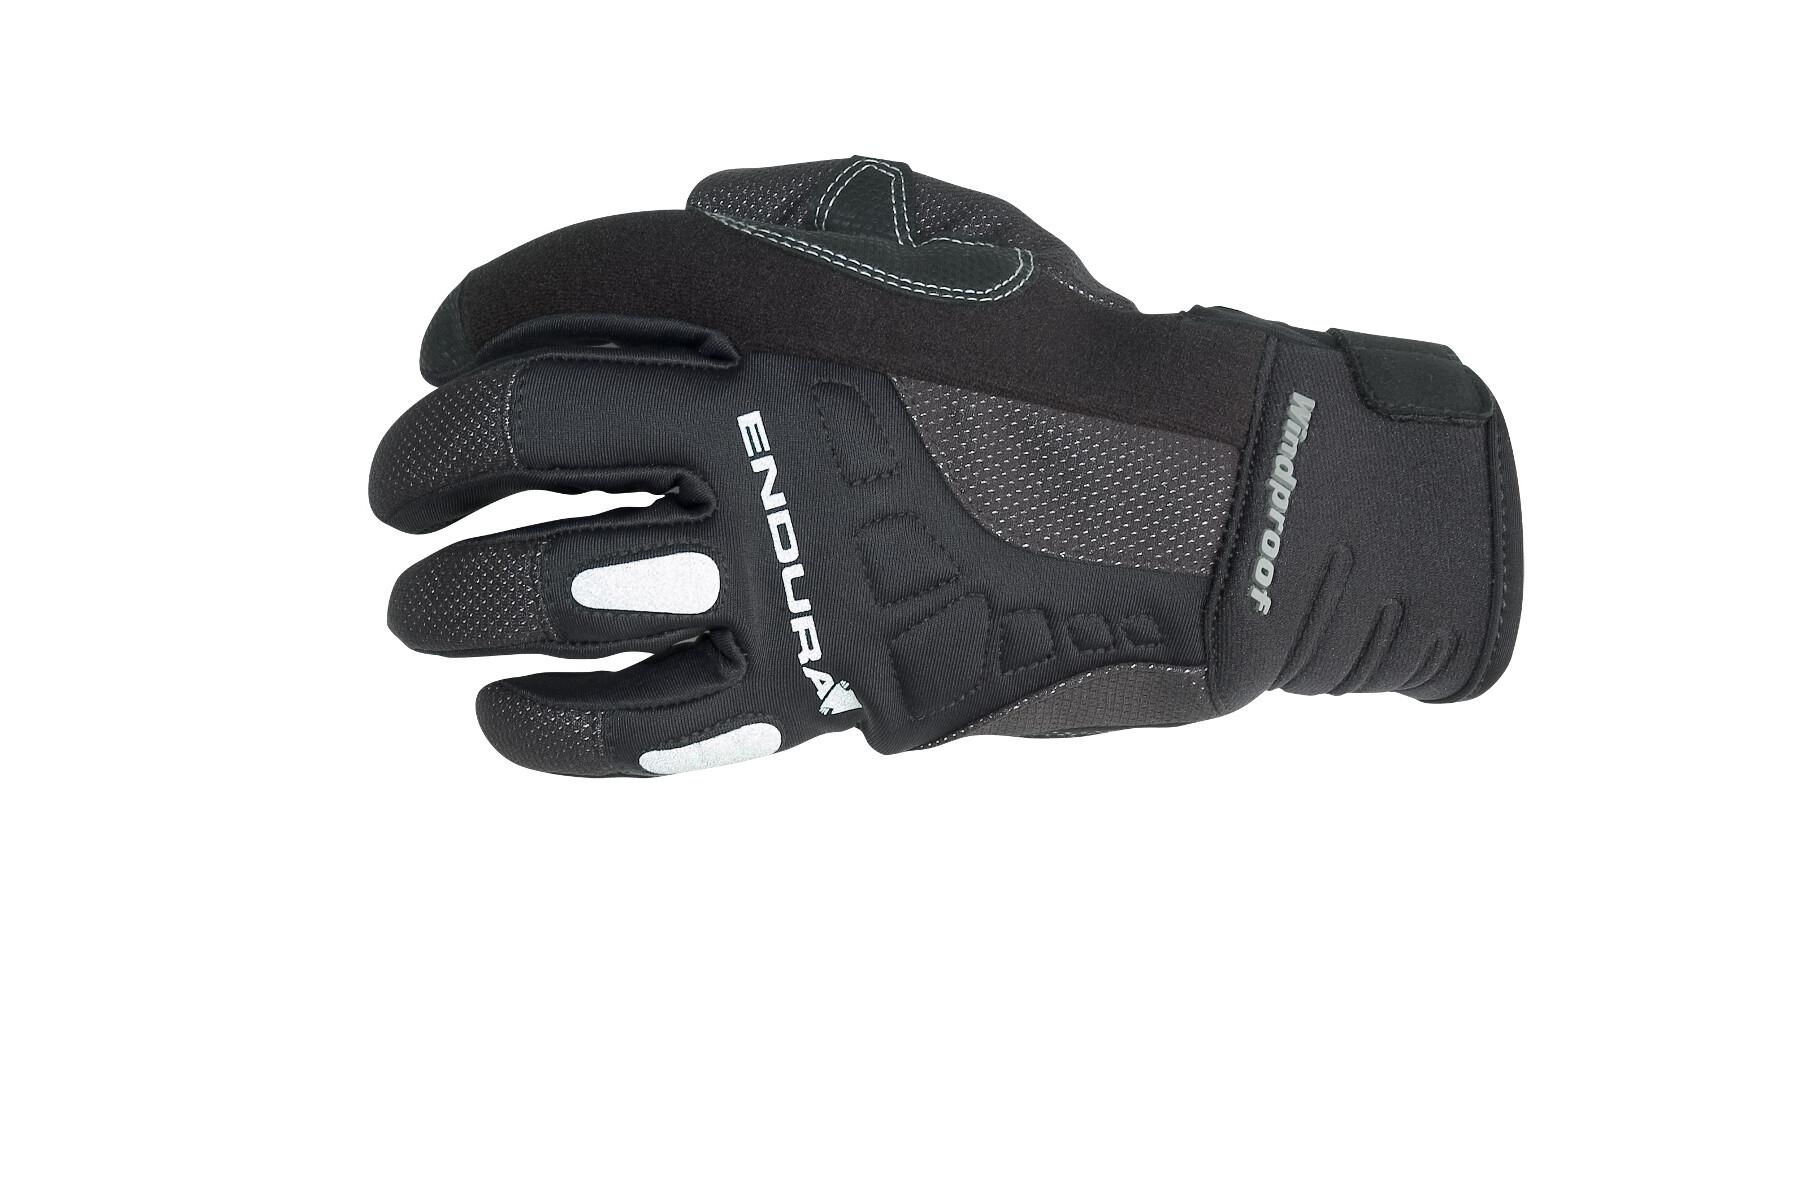 Endura Dexter vinter cykelhandsker - S. | Gloves